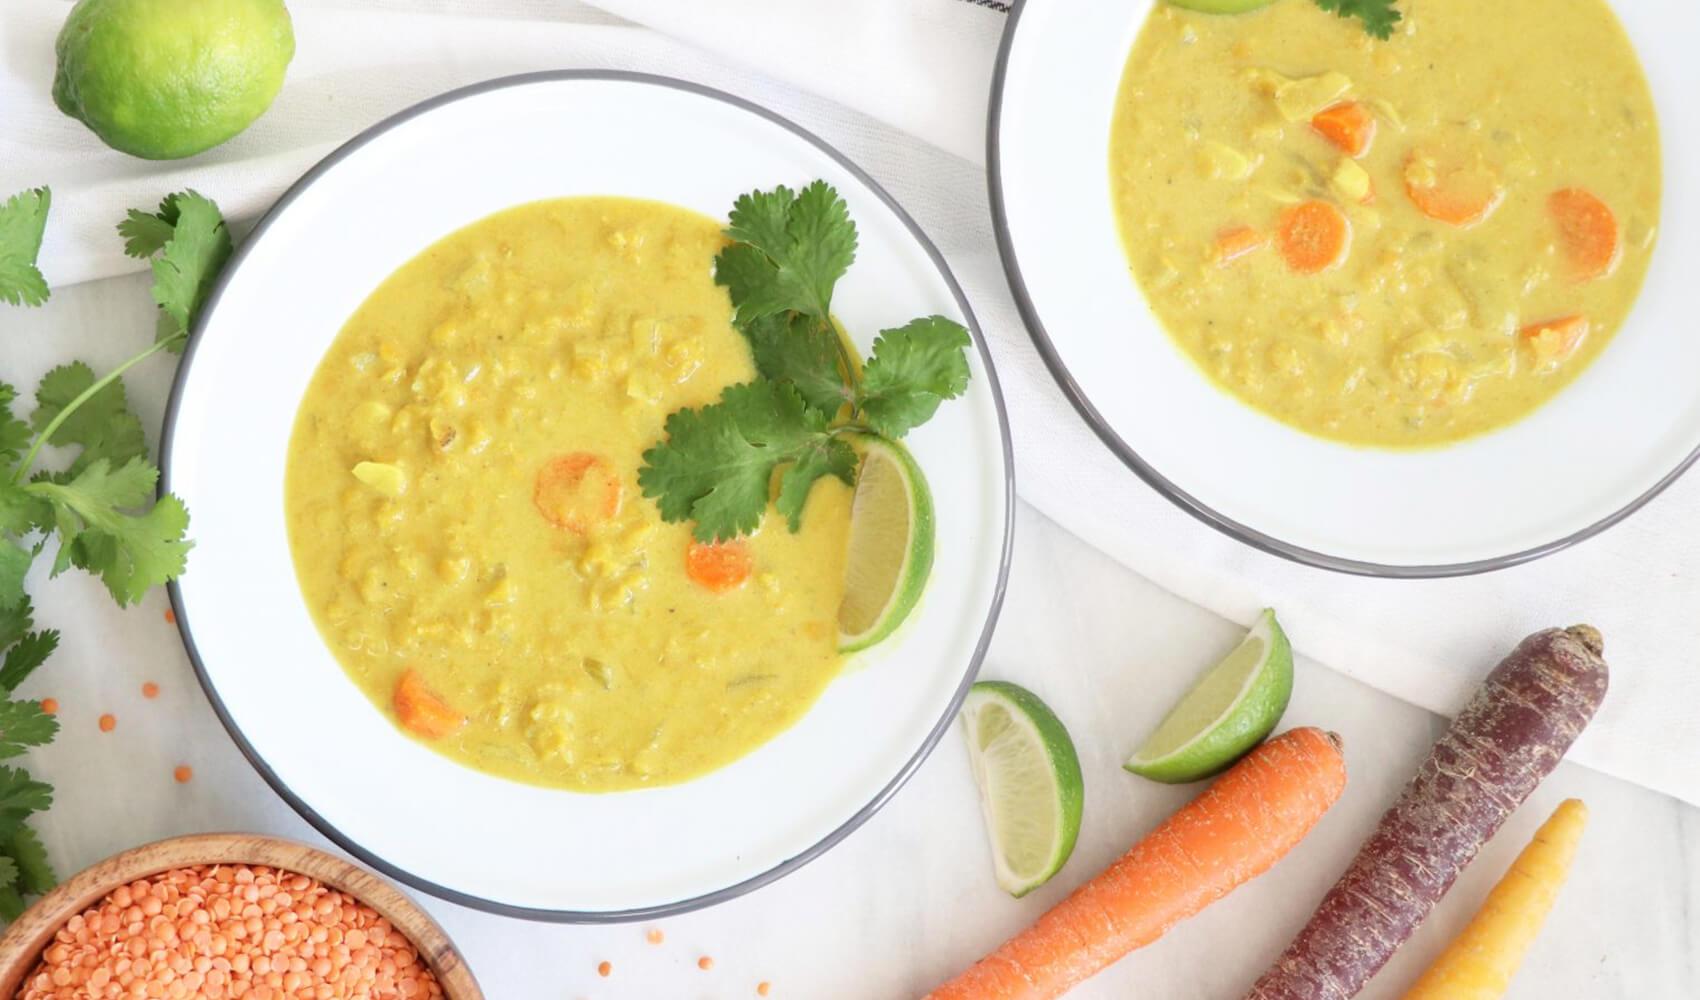 Coconut Lentil Turmeric Soup